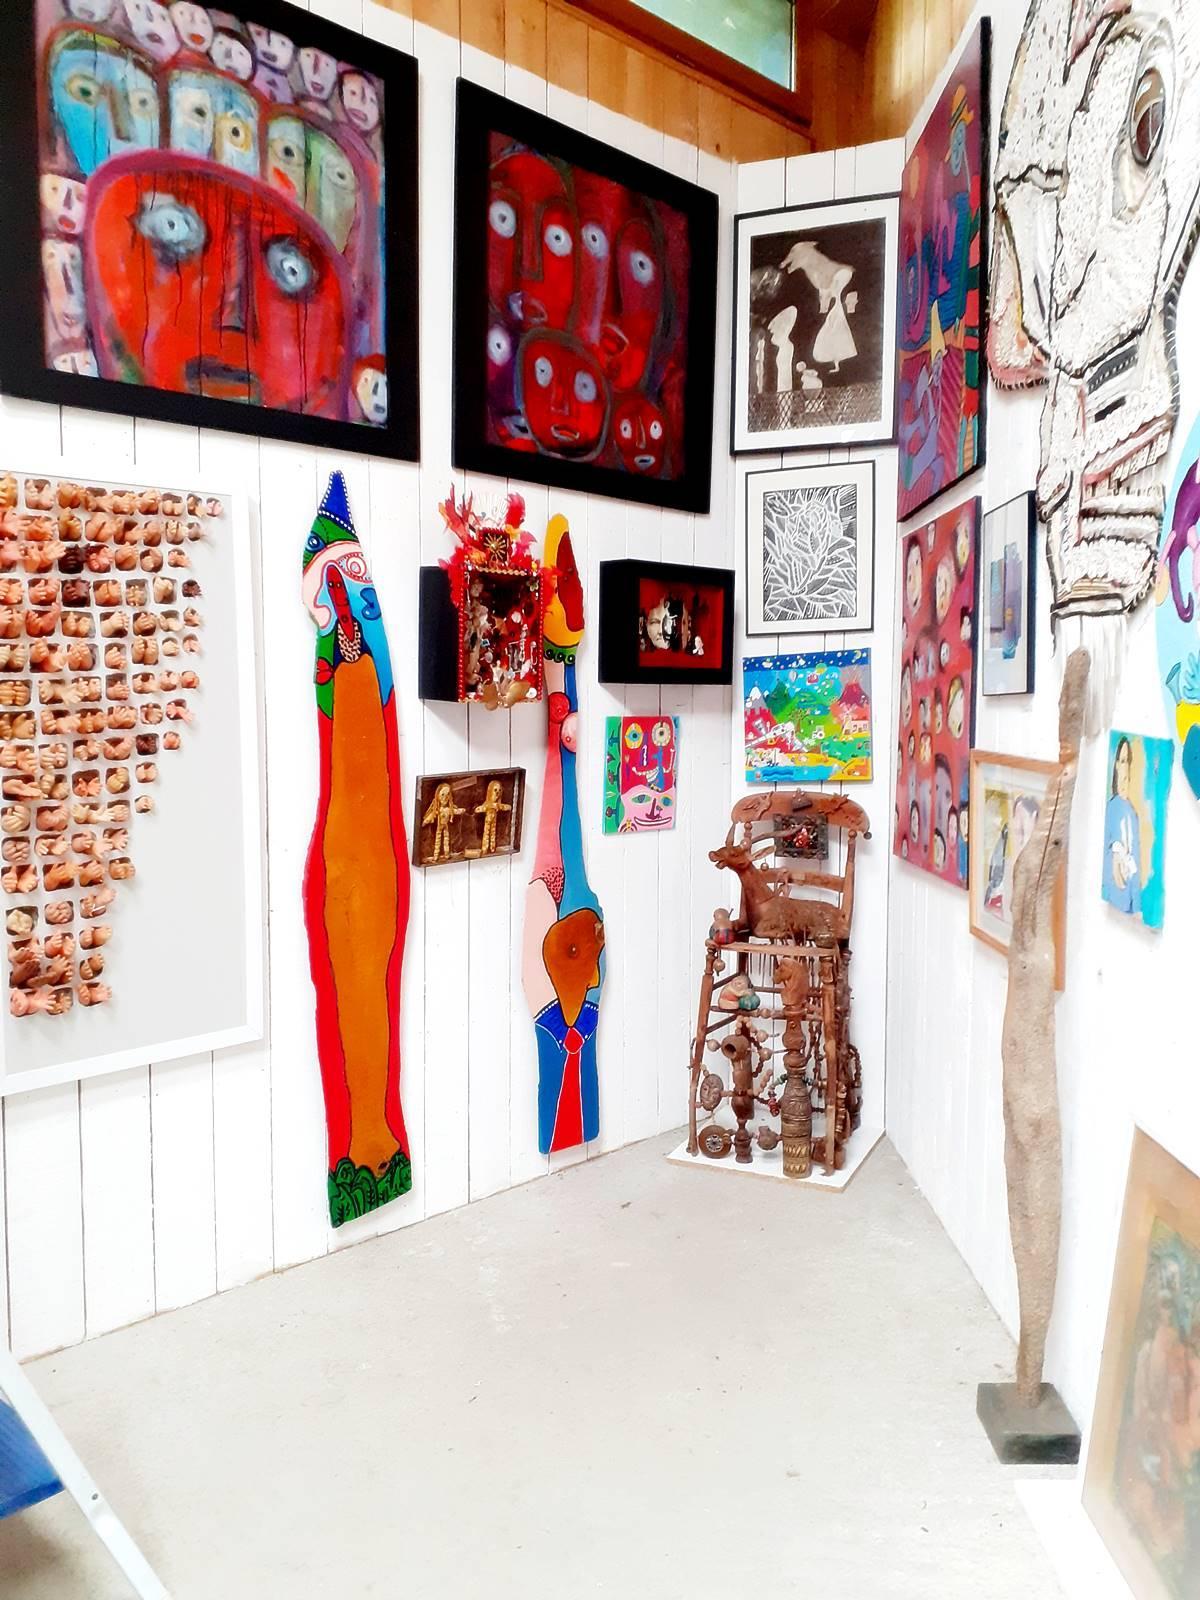 Hang art saffre loire atlantique musee20200613 131910